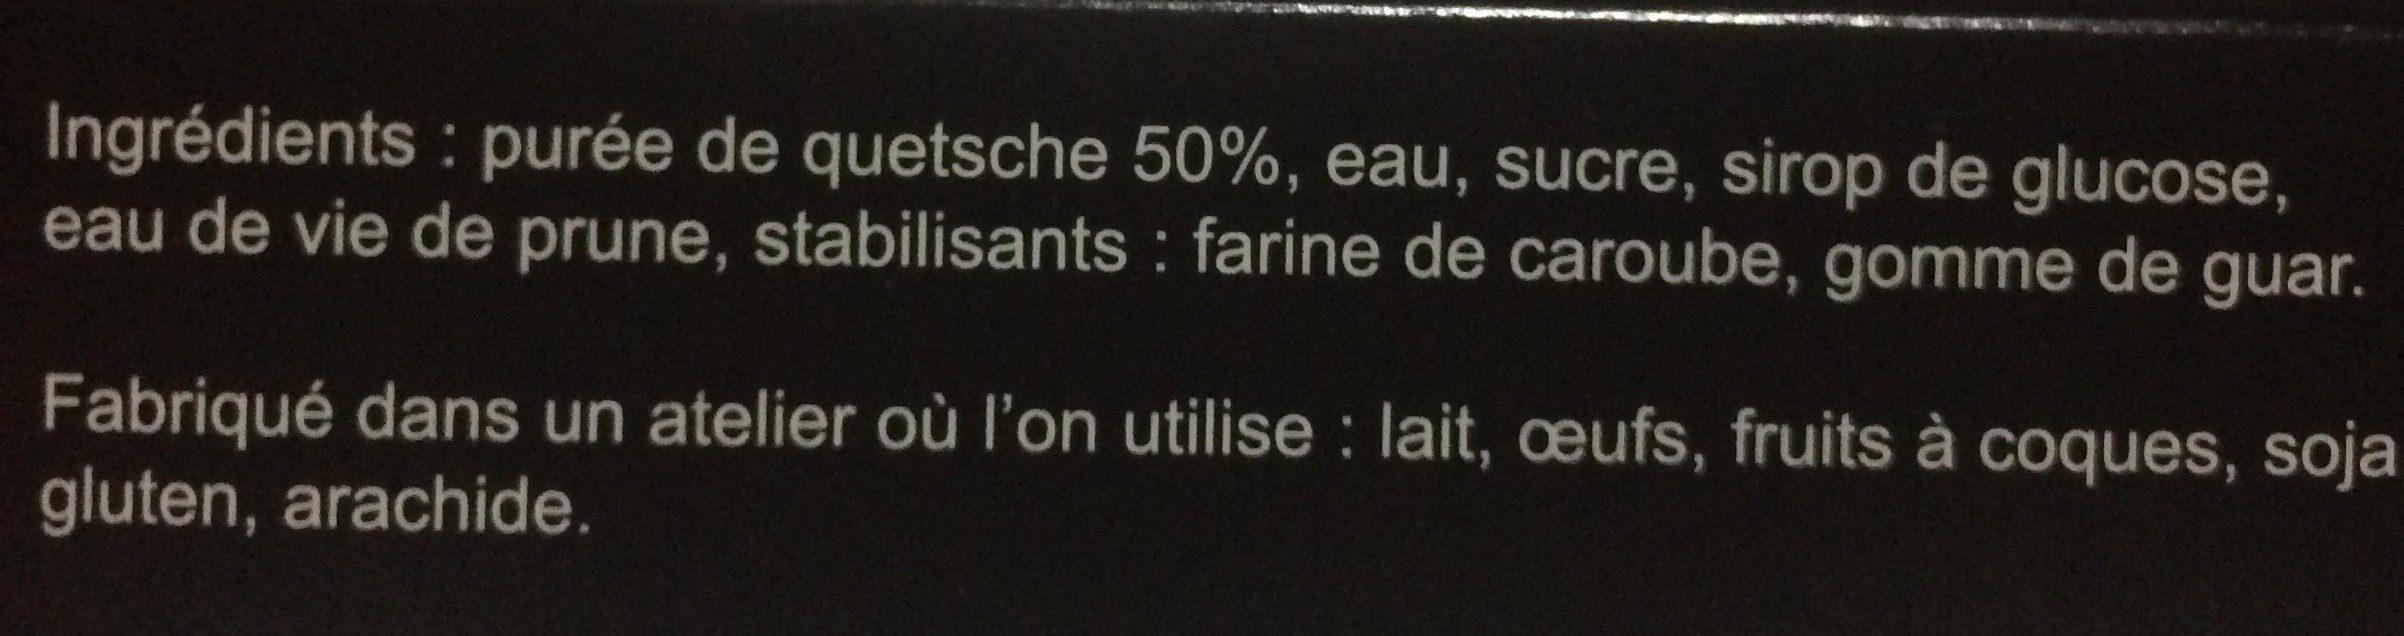 Sorbet Quetsche de Lorraine - Ingrédients